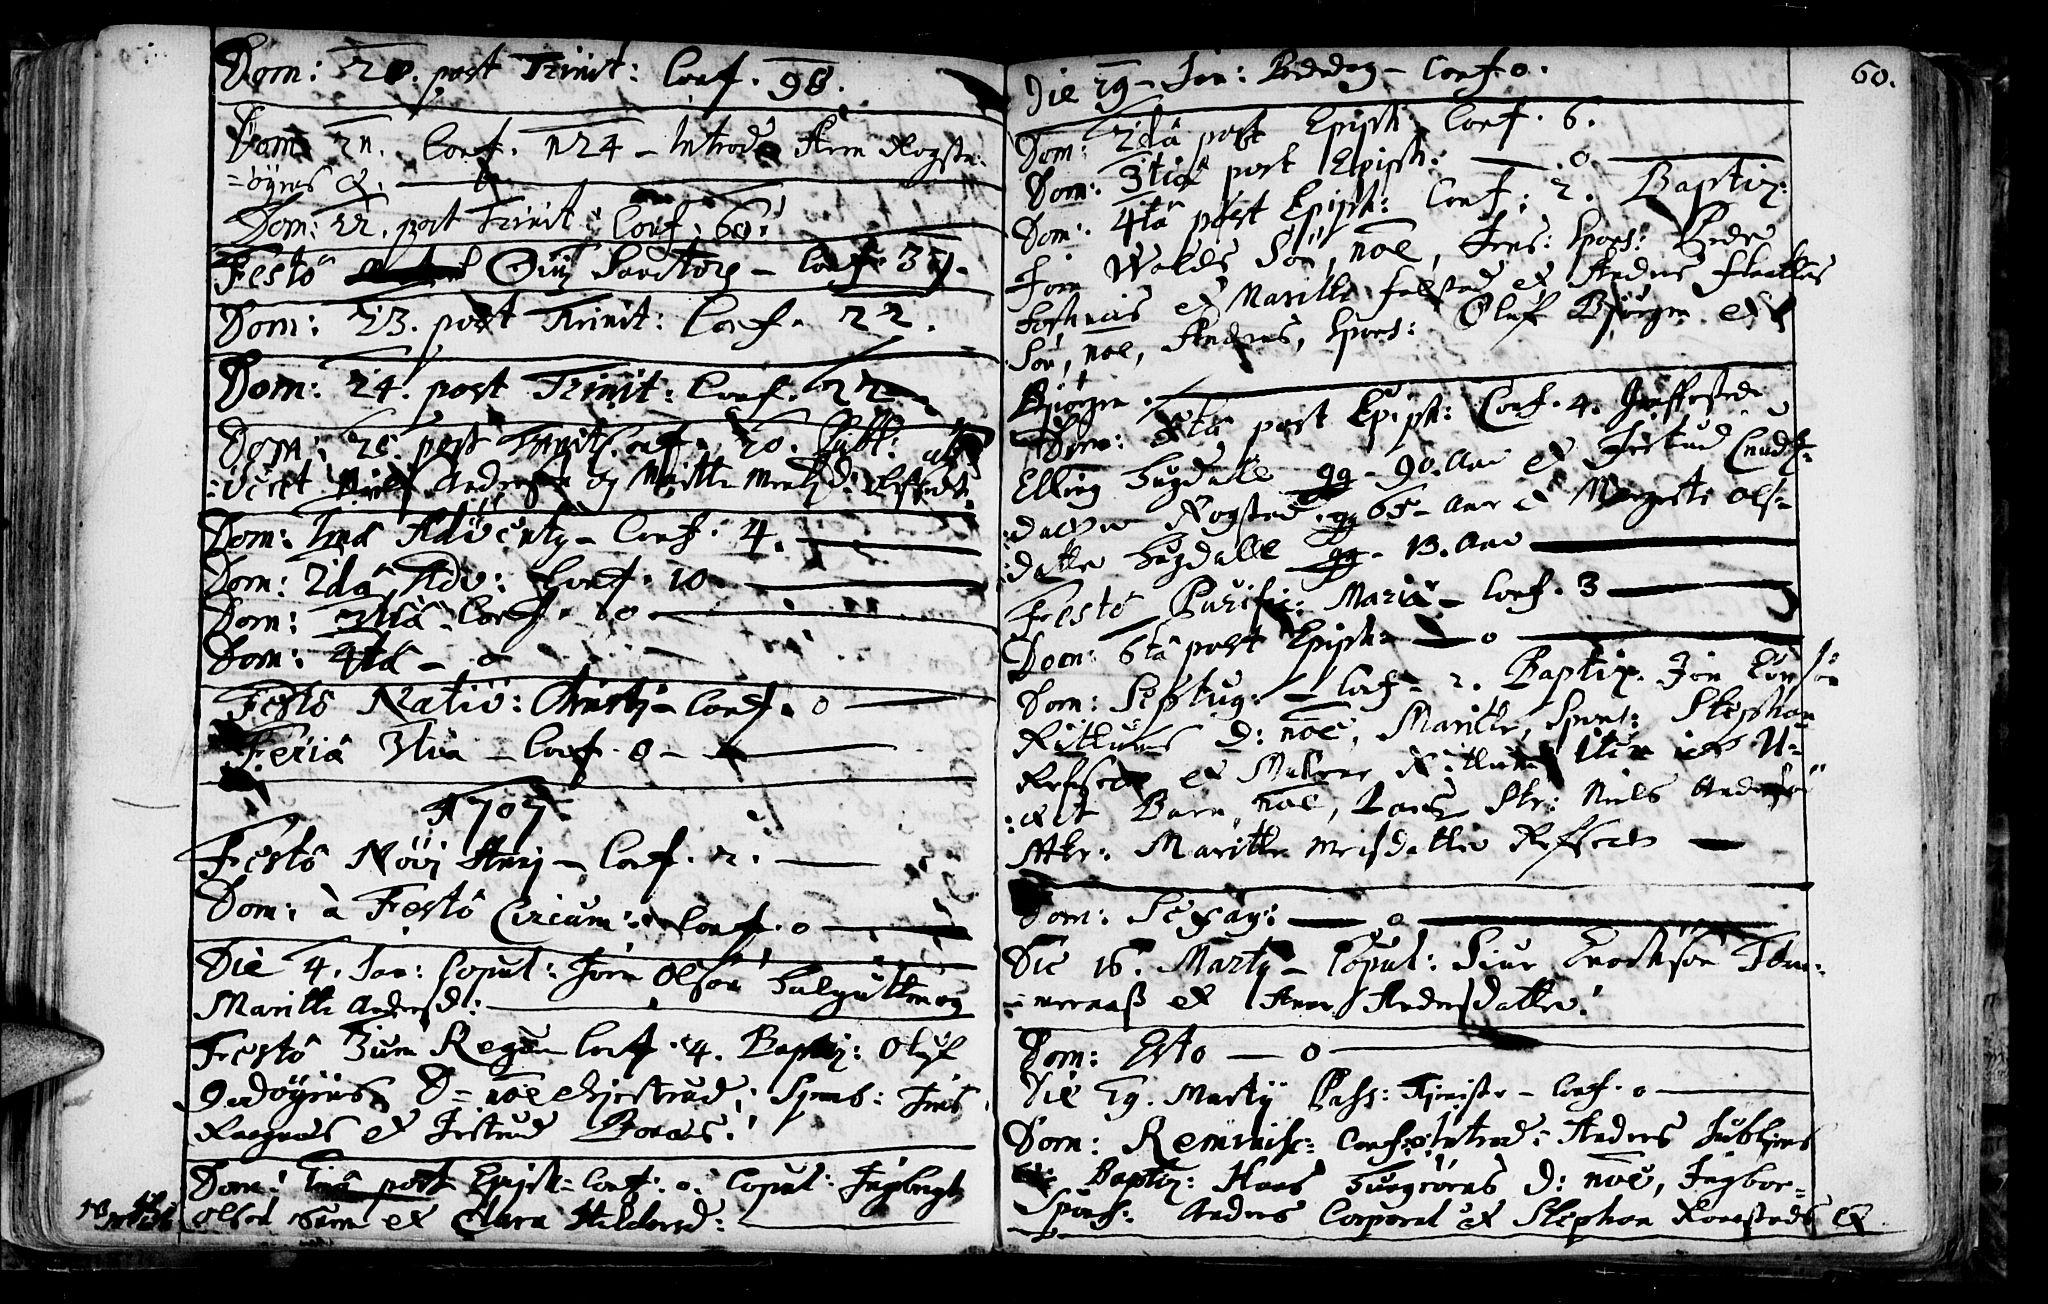 SAT, Ministerialprotokoller, klokkerbøker og fødselsregistre - Sør-Trøndelag, 687/L0990: Ministerialbok nr. 687A01, 1690-1746, s. 60